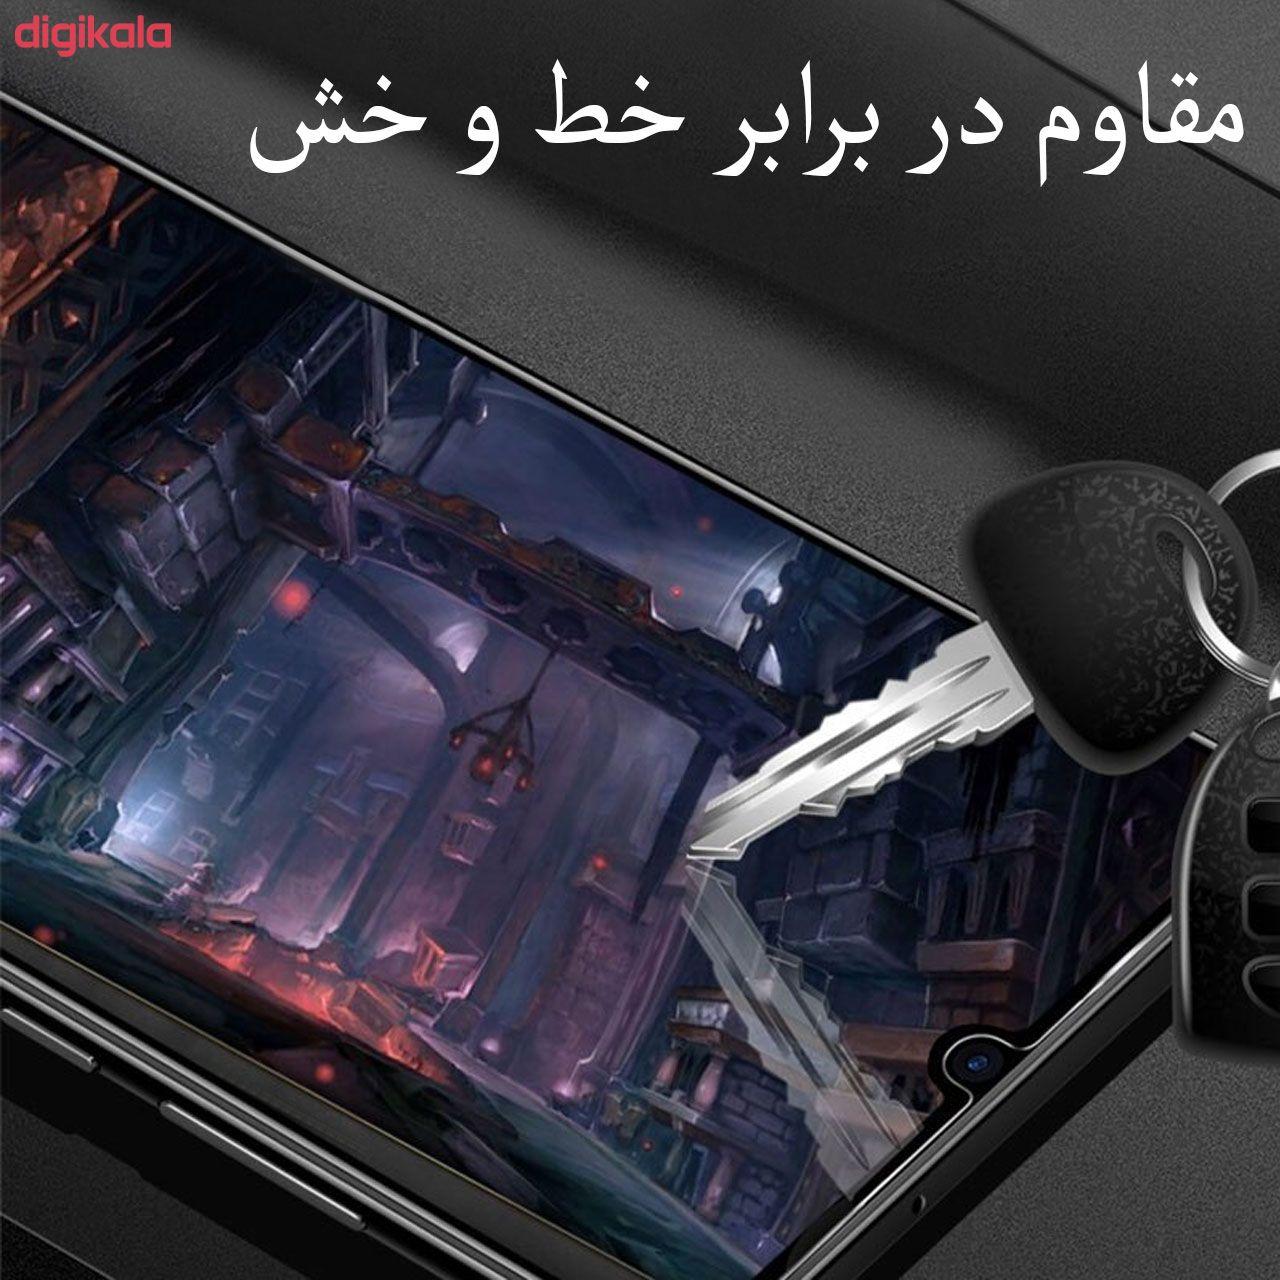 محافظ صفحه نمایش مدل FCG مناسب برای گوشی موبایل سامسونگ Galaxy M20 main 1 9